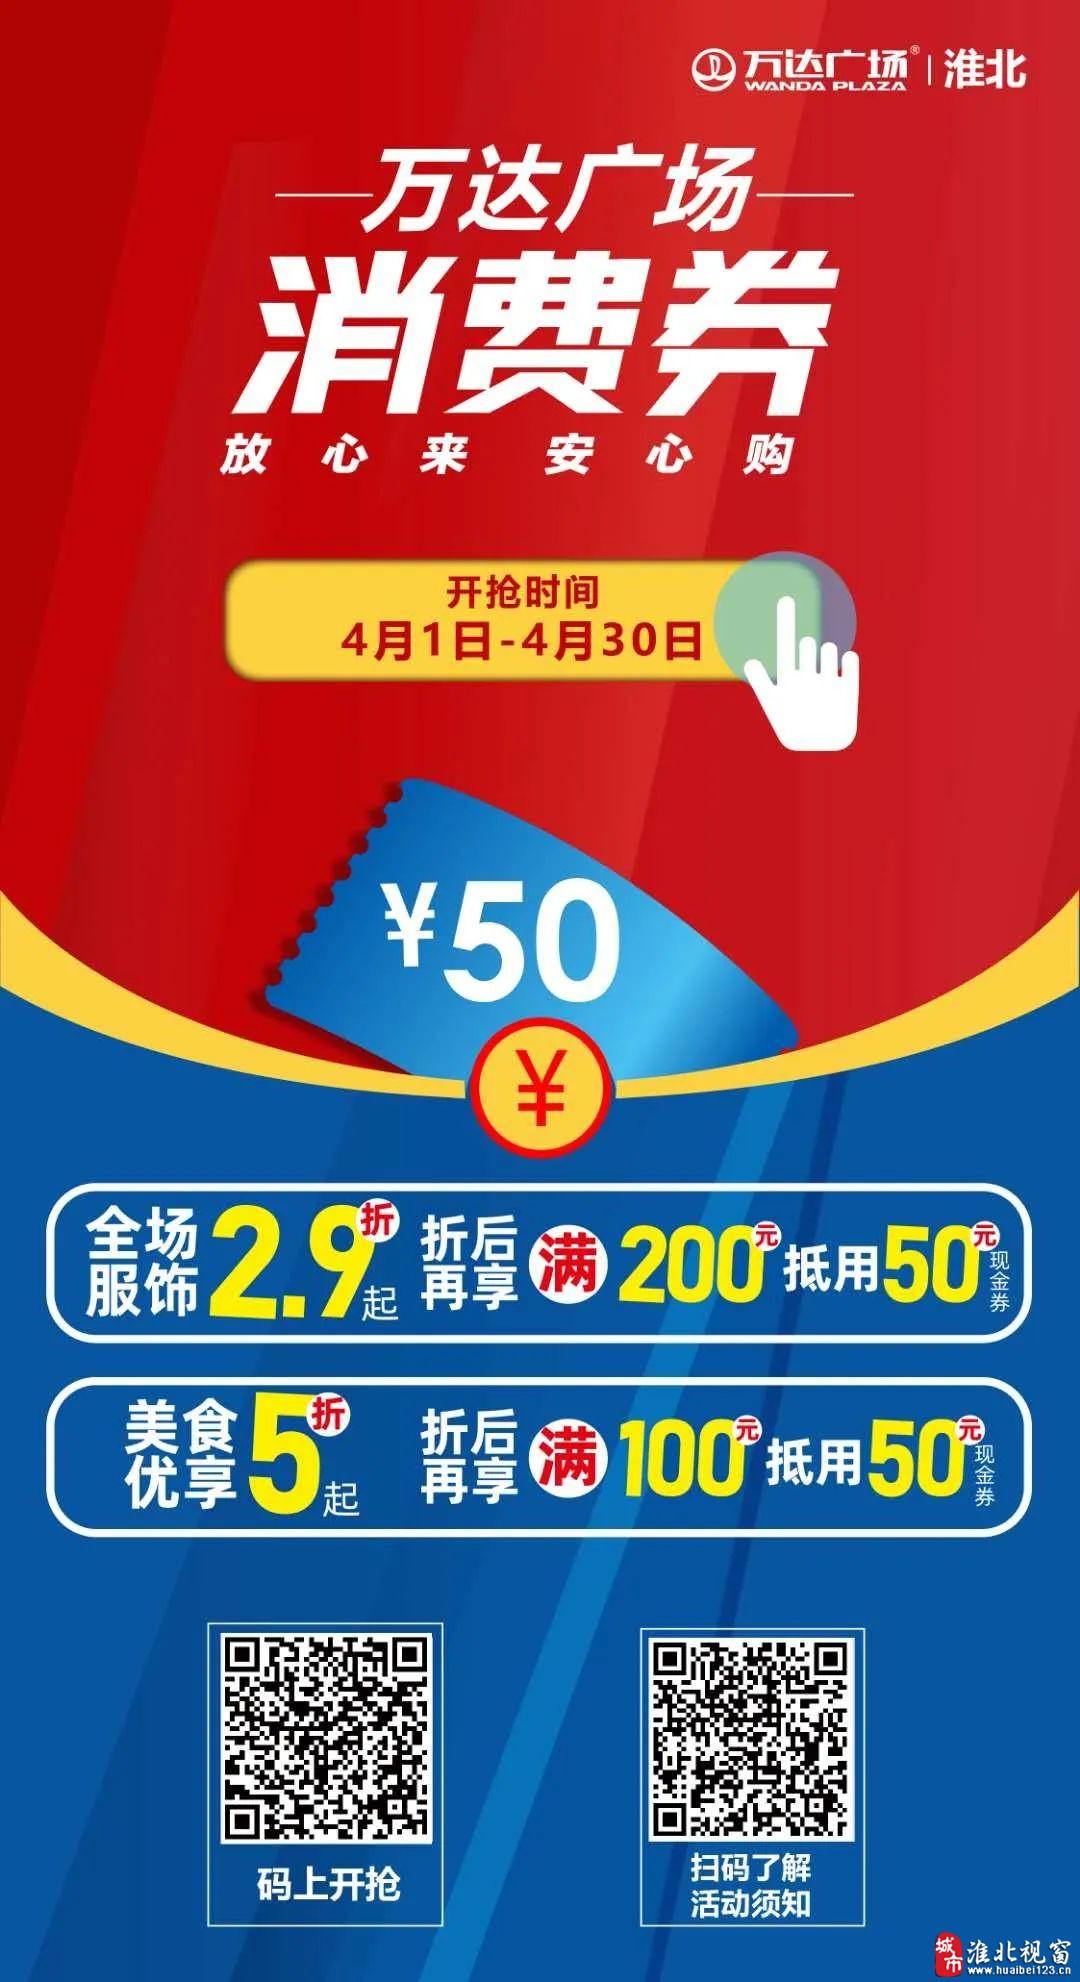 """@淮北人""""黑色星期五""""&万达消费劵,如何最省钱?速看!-2.jpg"""